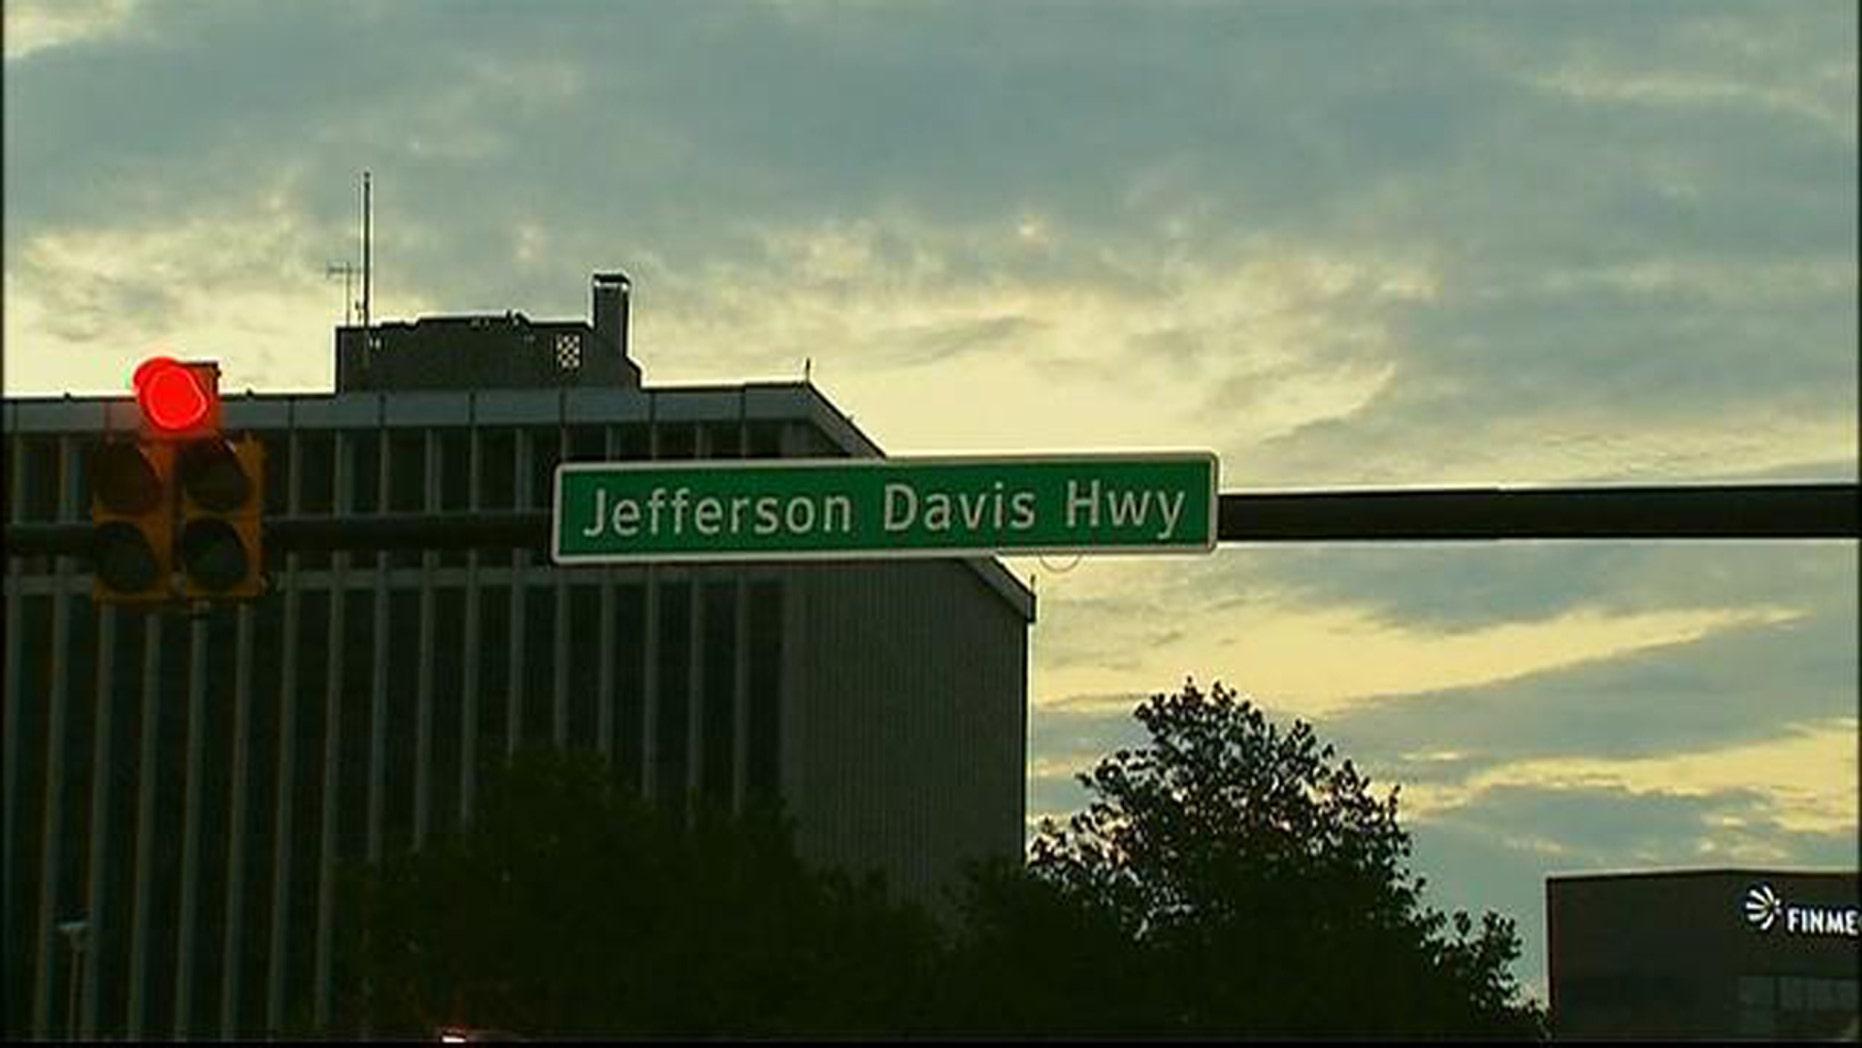 Beginning Jan. 1 next year, Jefferson Davis Highway in Alexandria, Va., will be known as Richmond Highway.